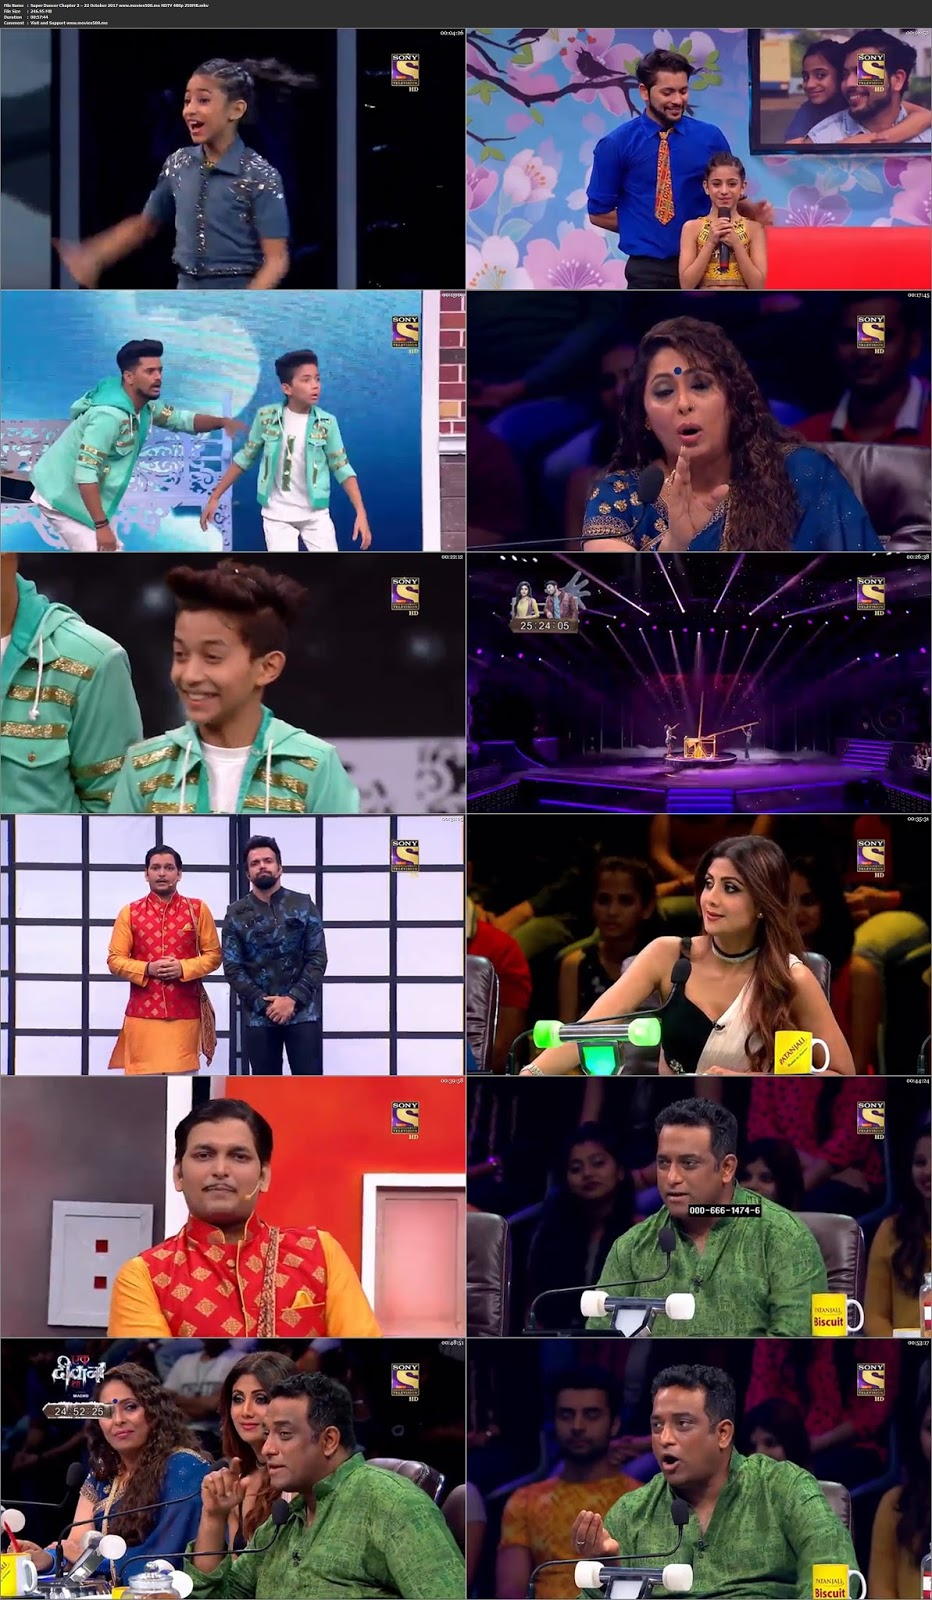 Super Dancer Chapter 2 2017 22 October 246MB HDTV 480p at softwaresonly.com